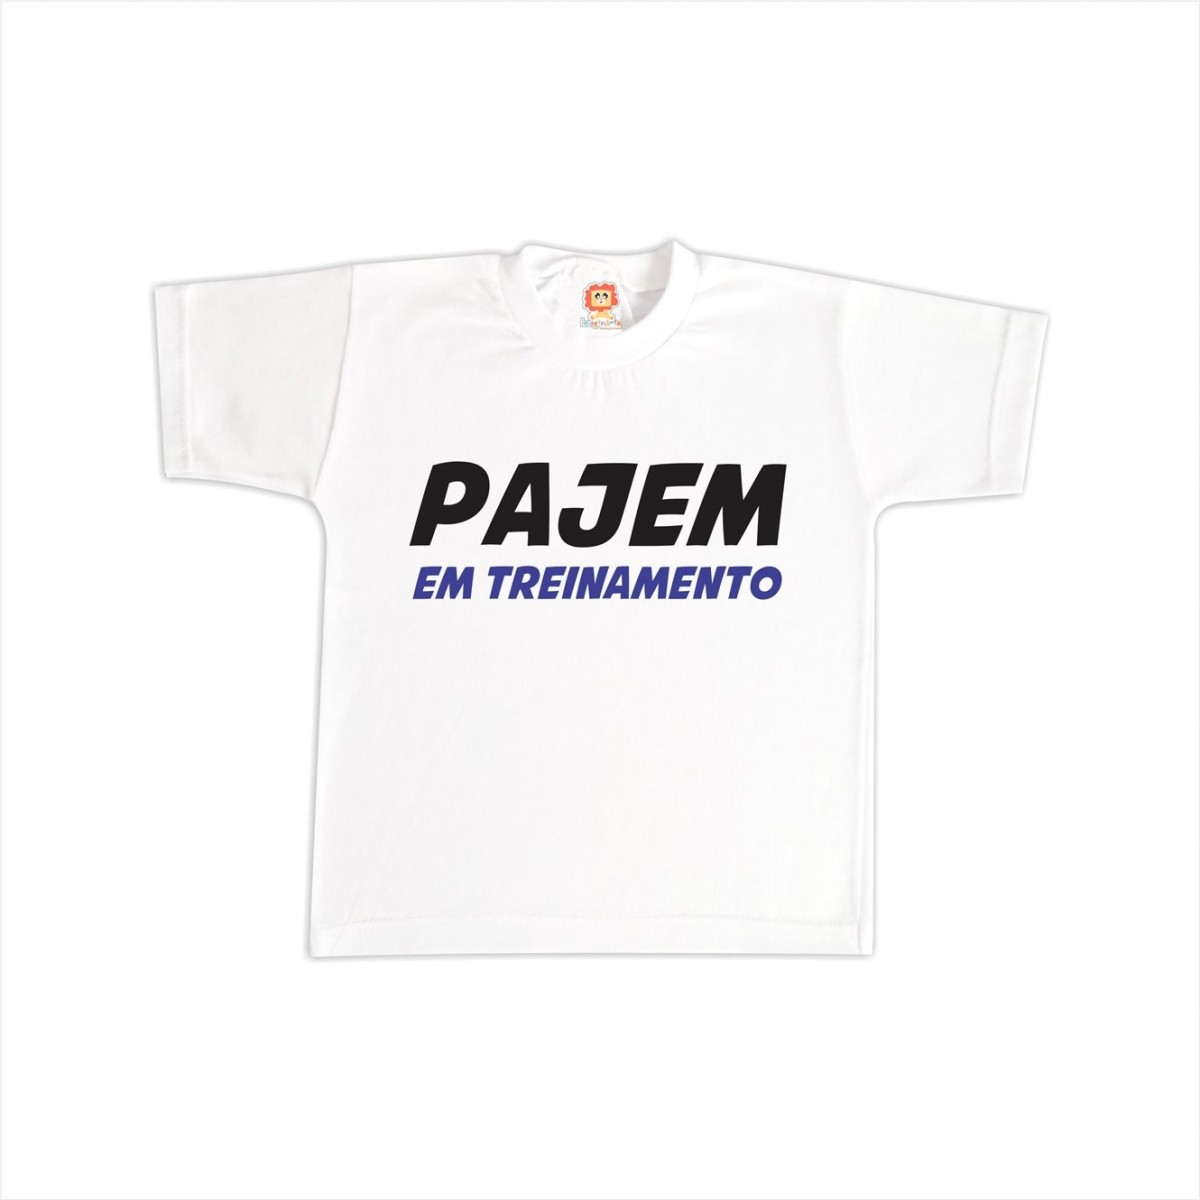 Camiseta Pajem em Treinamento